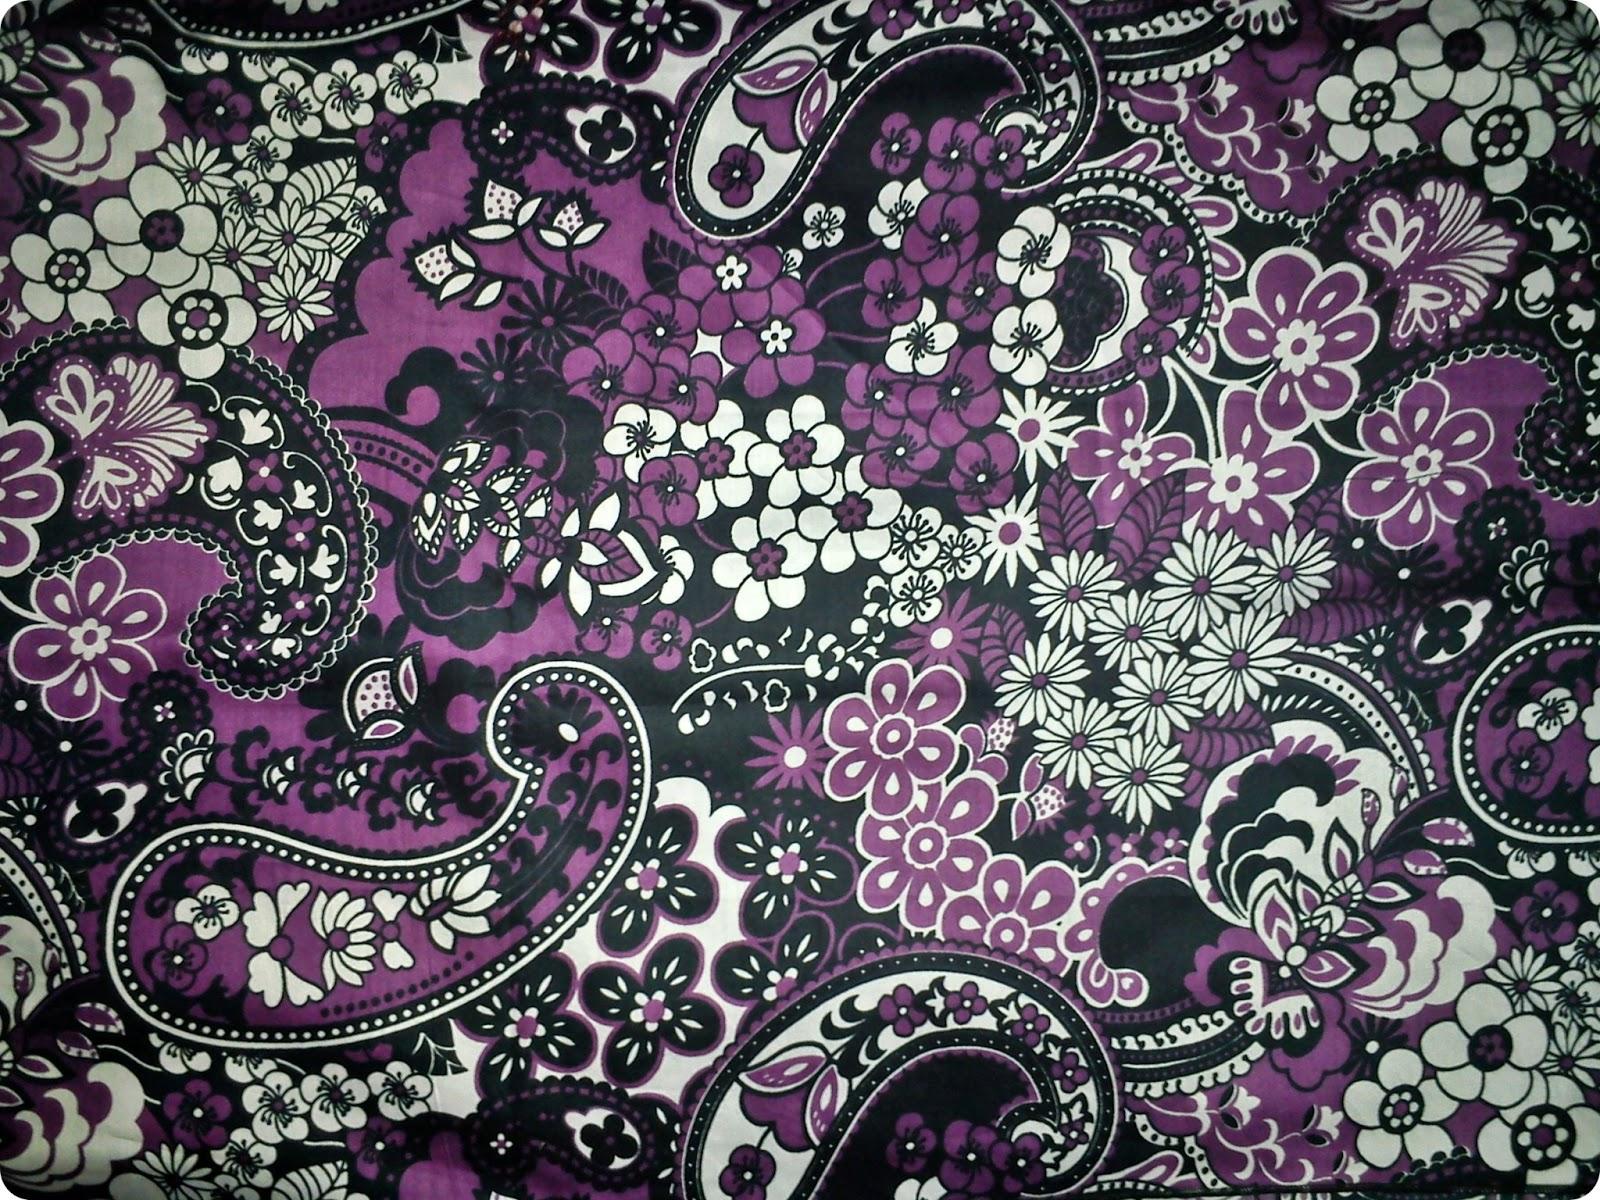 Girls Closet Paisley Batik Printed Square